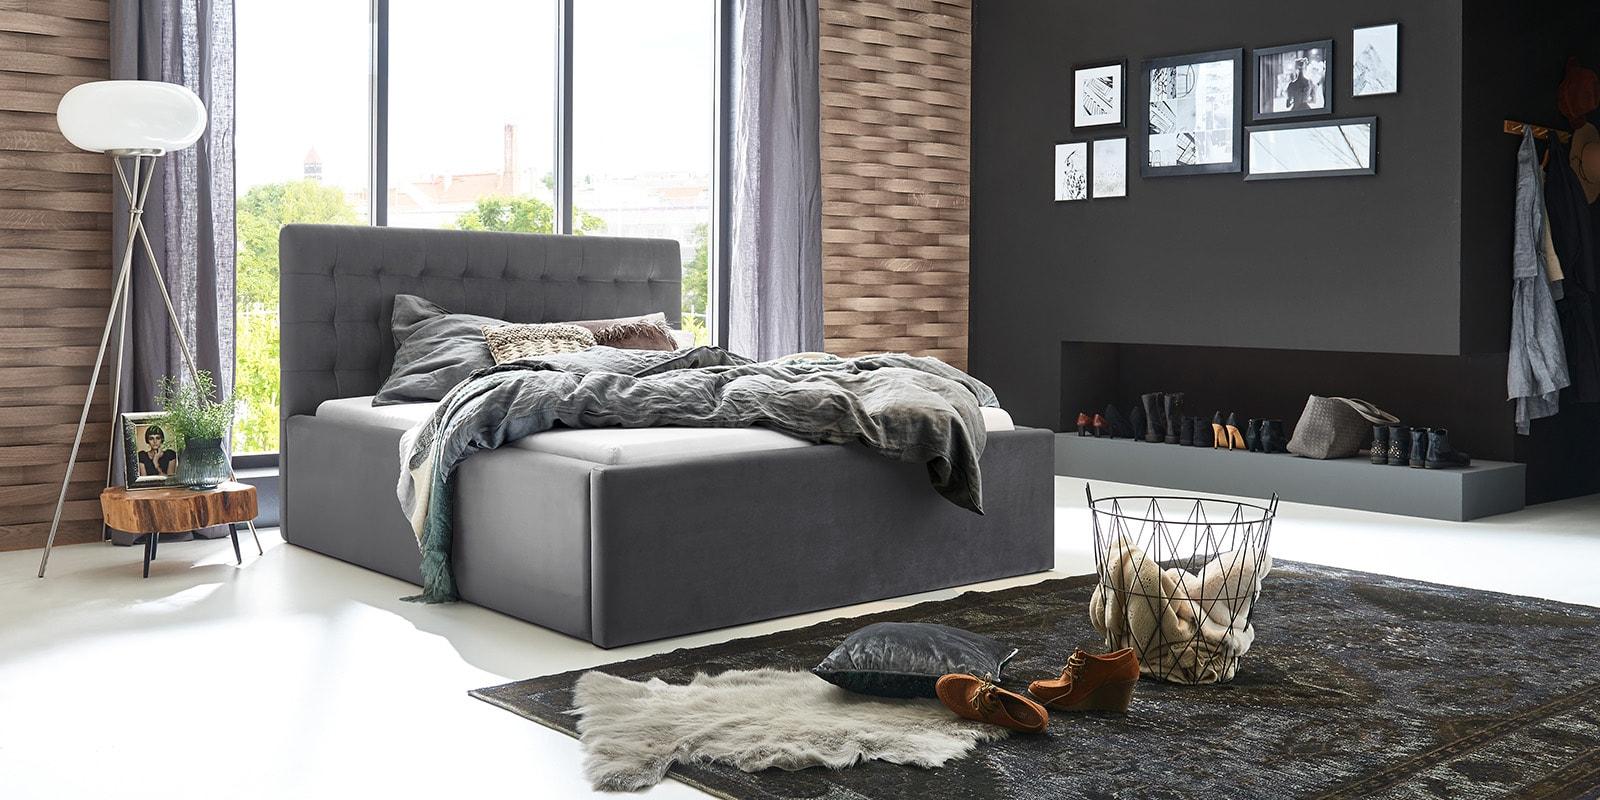 Moebella24 - Bett - mit - Bettkasten - Molly - Samt - Grau - Stauraum - Bettkasten - und - Lattenrost - vormontiert - verstärkte - Dämpfer - Von - vorne - links